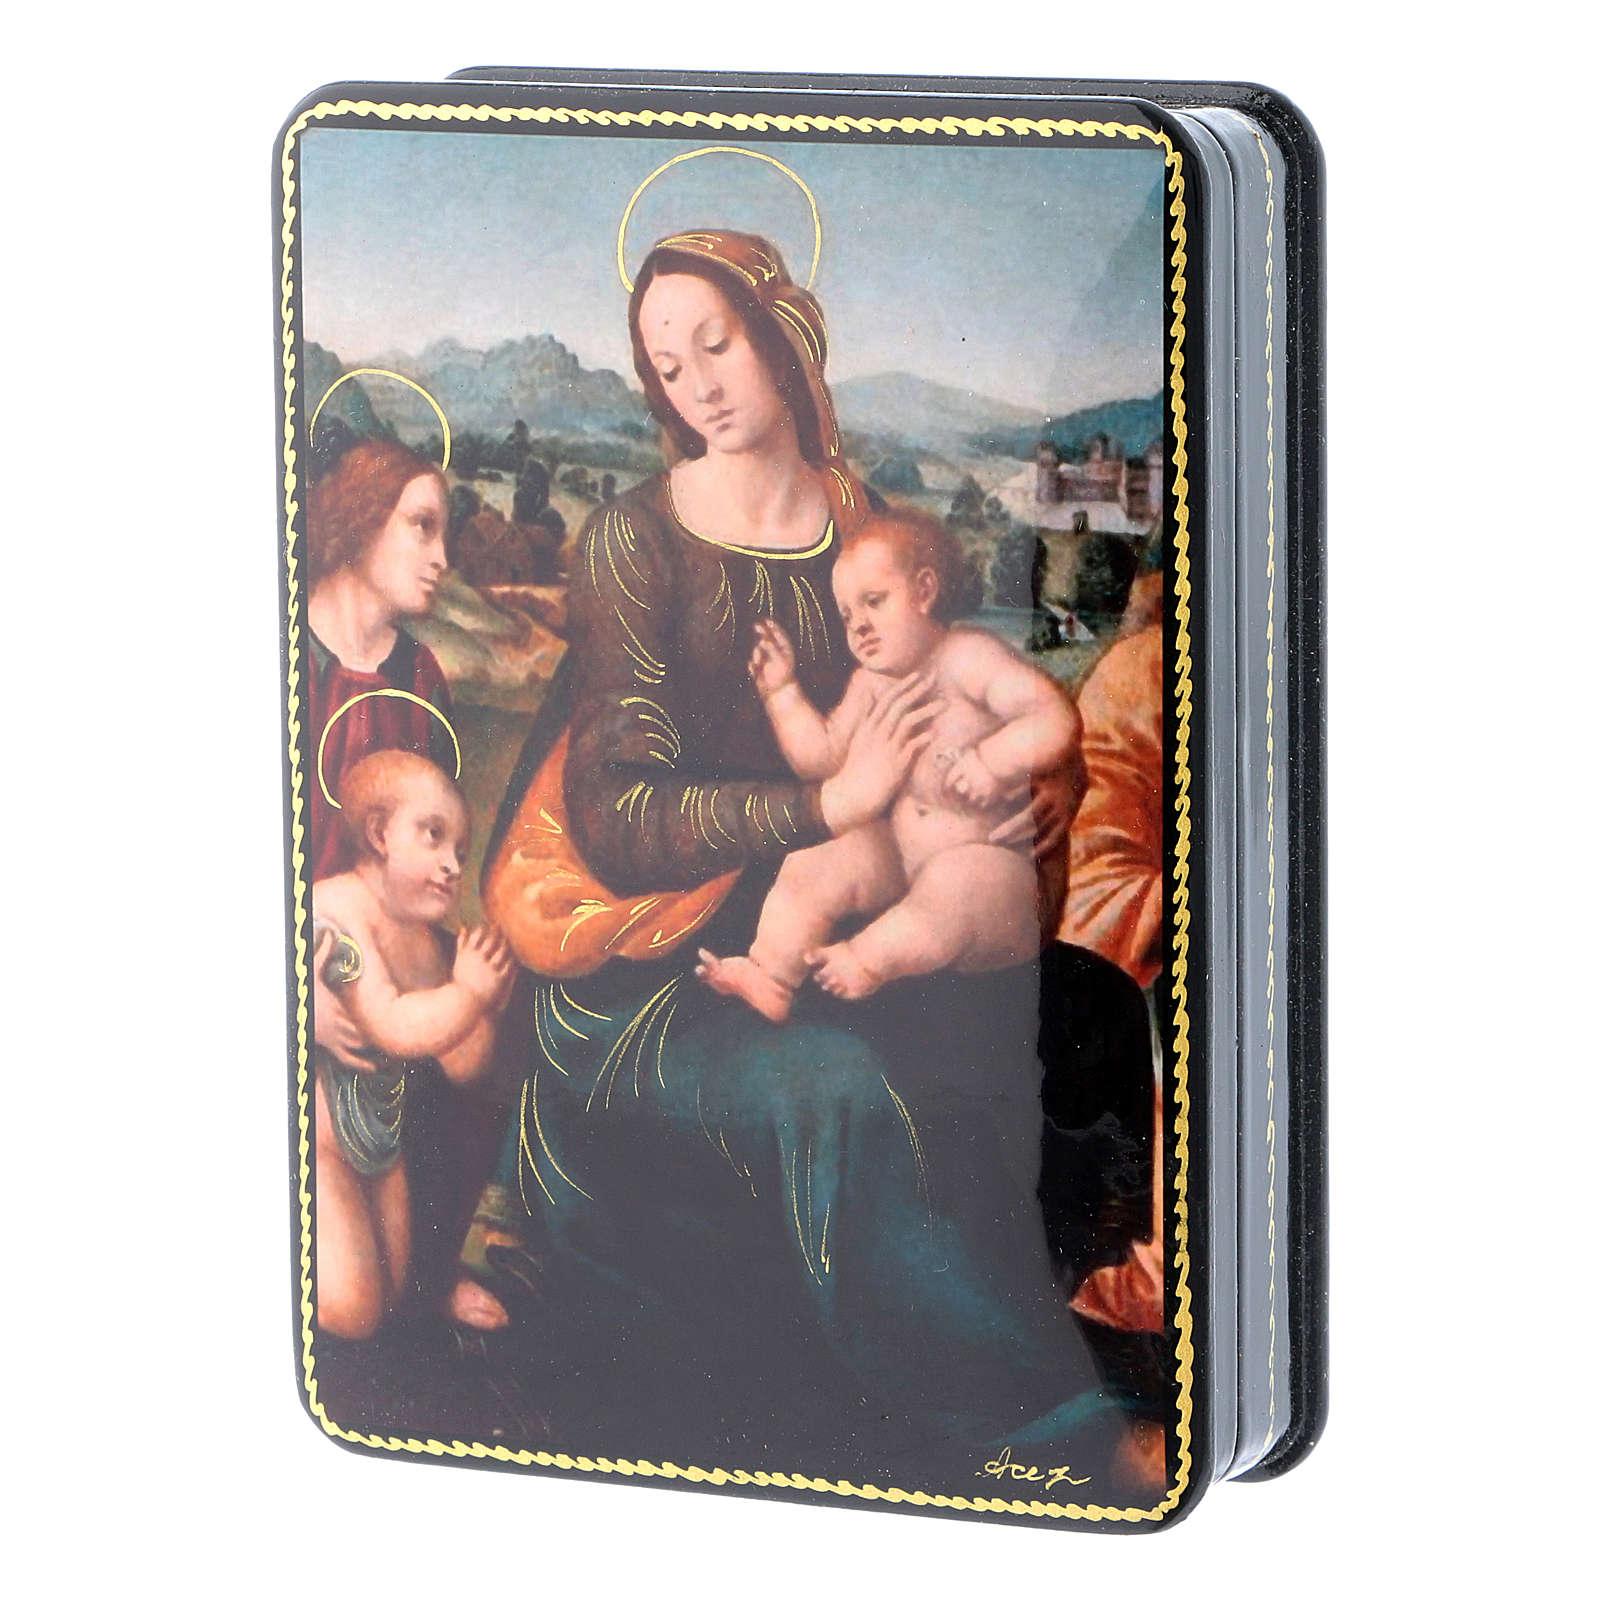 Scatola russa cartapesta Madonna del Melograno Fedoskino style 15x11 4